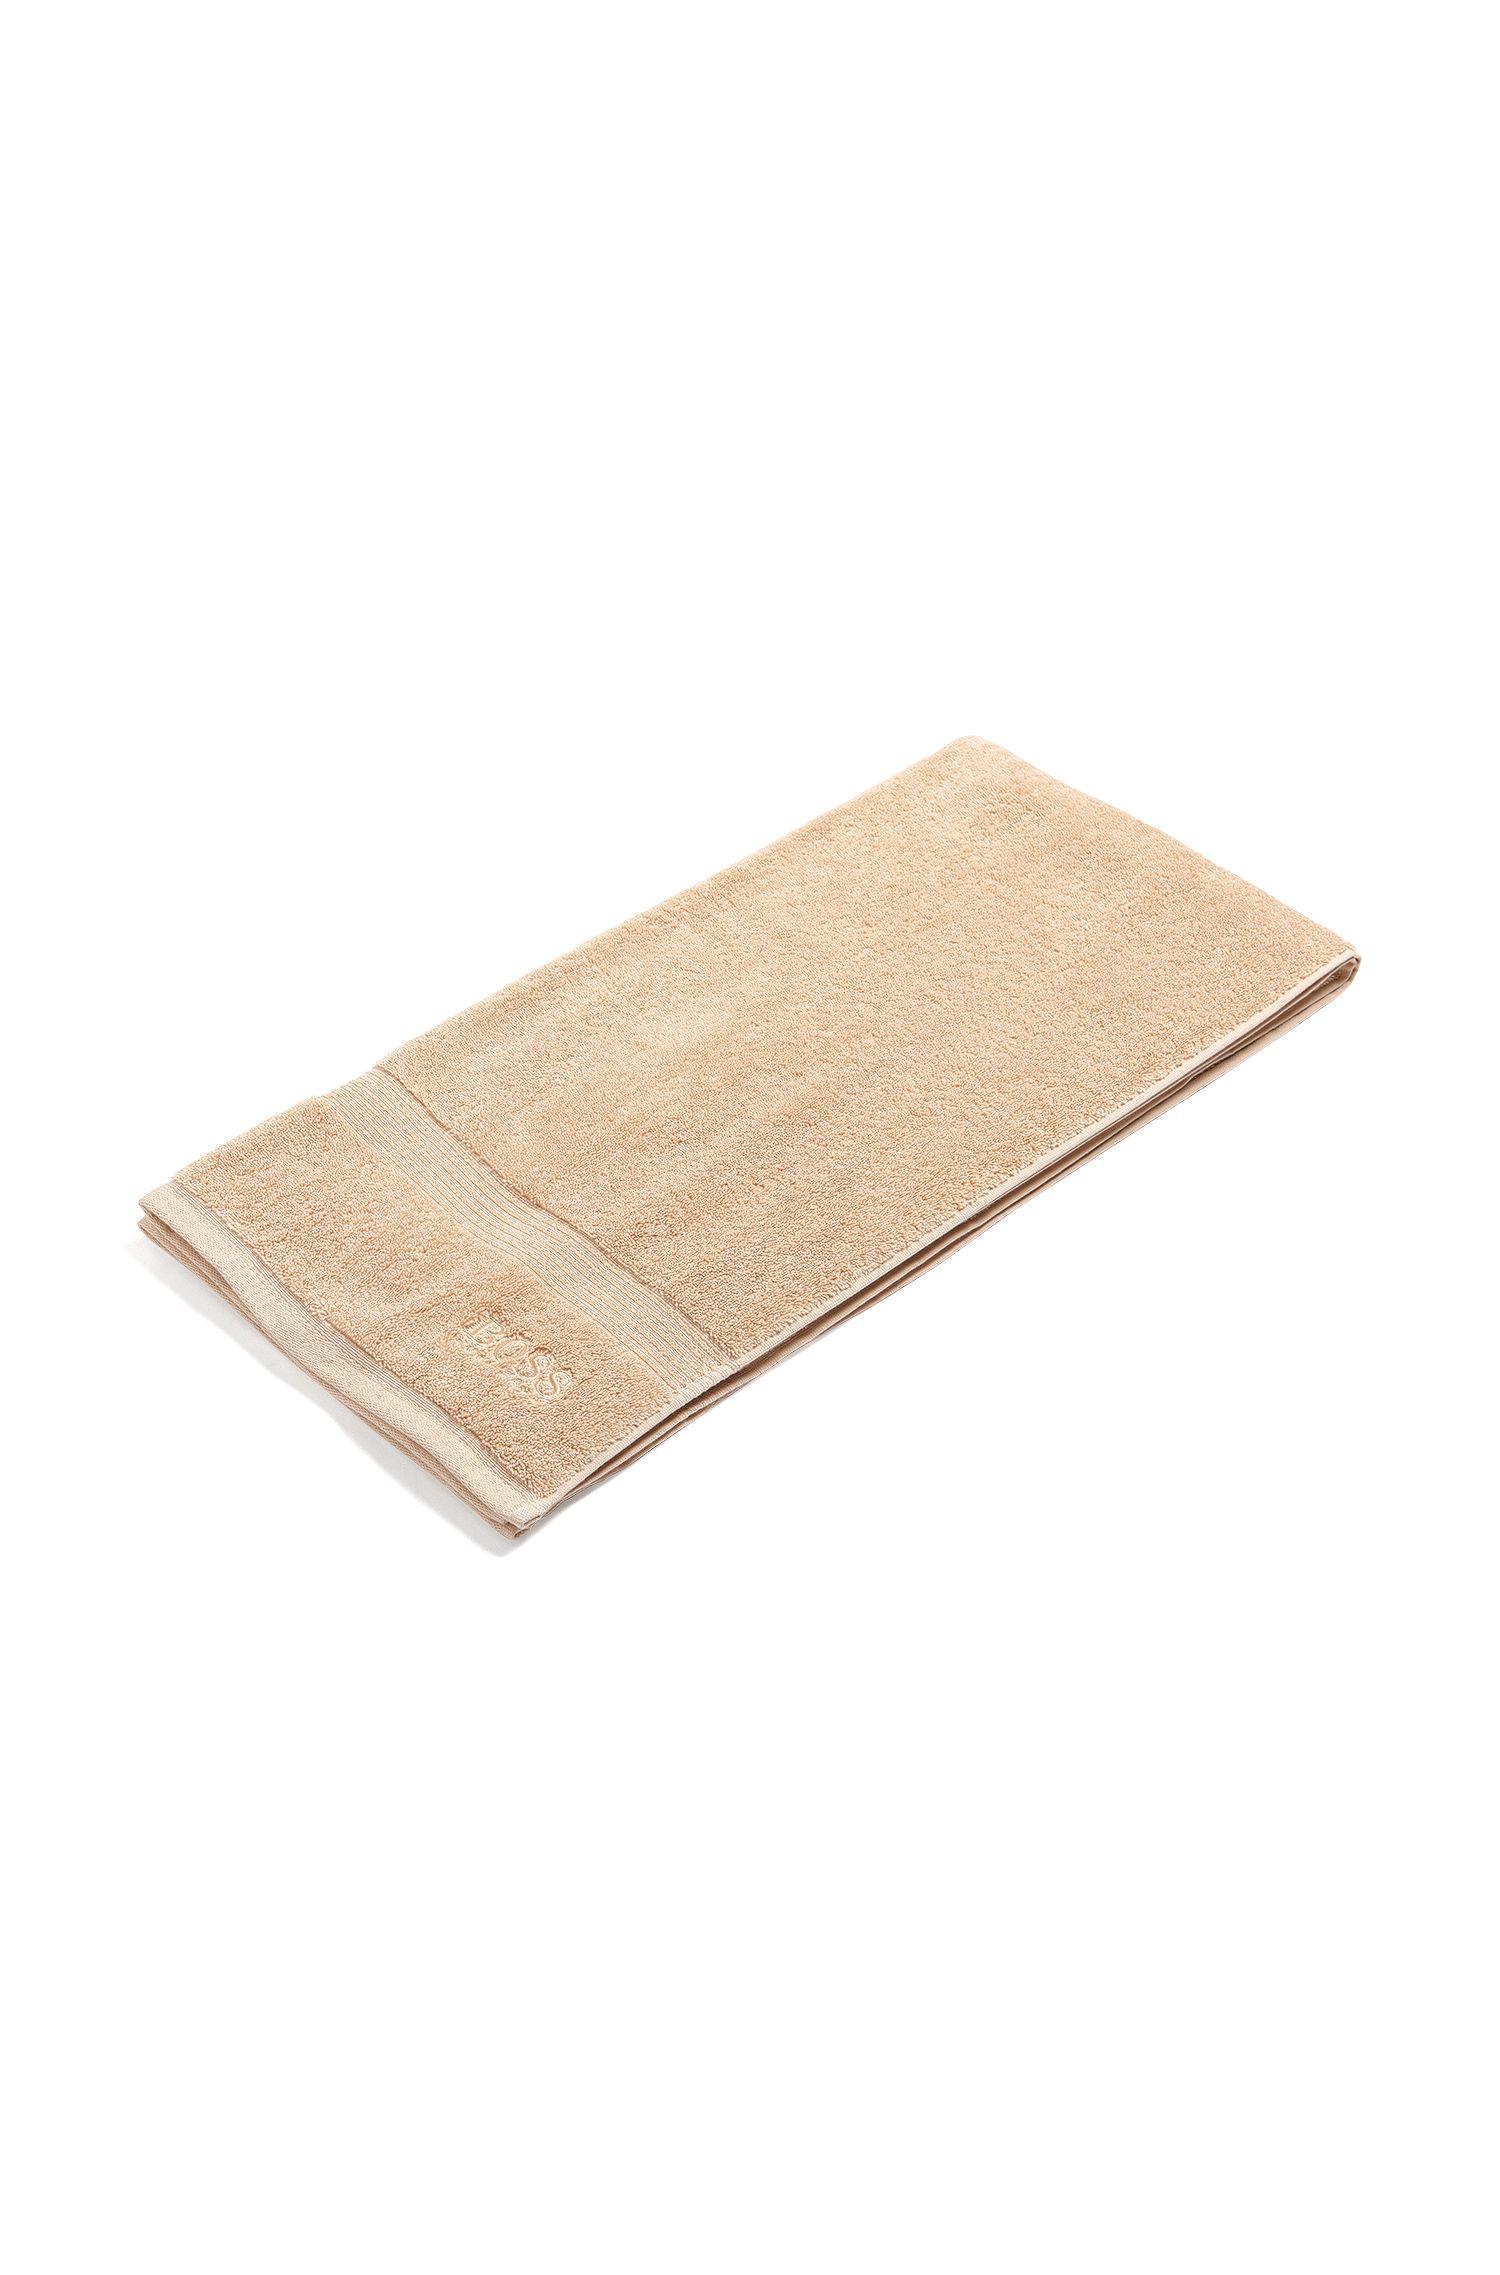 Shower towel 'LOFT Serviette douch', cotton terry